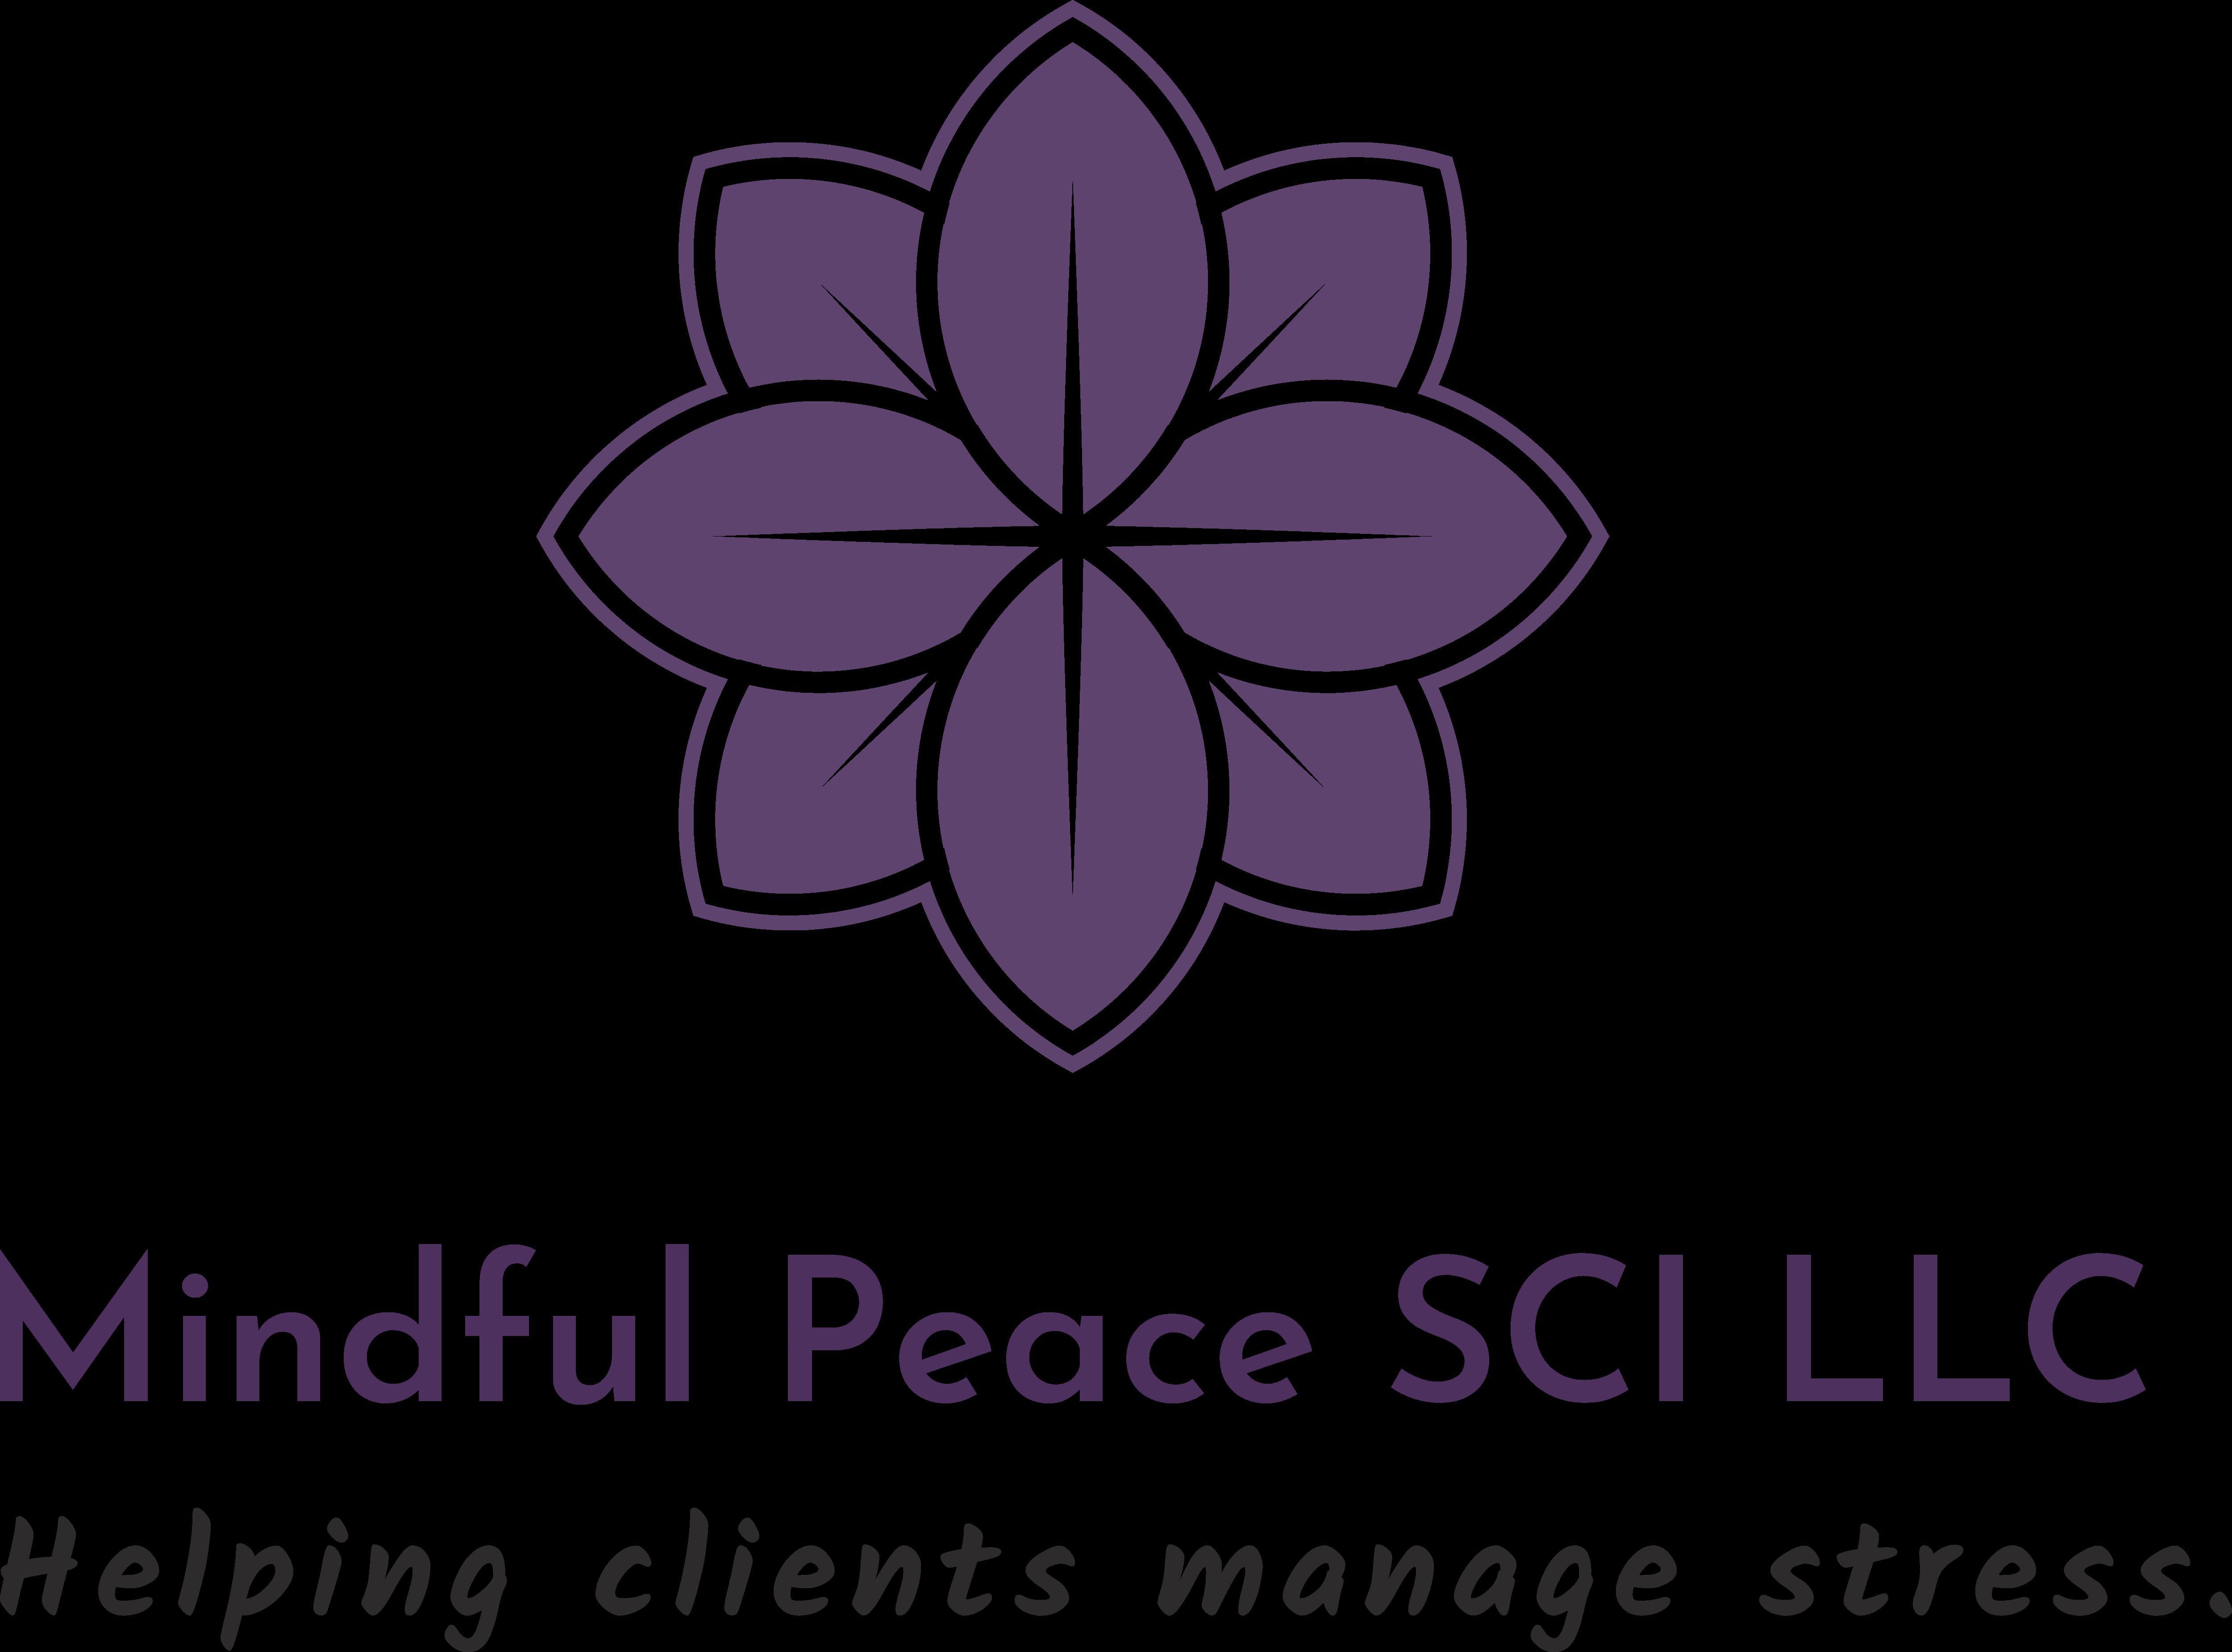 Mindful Peace SCI, LLC.